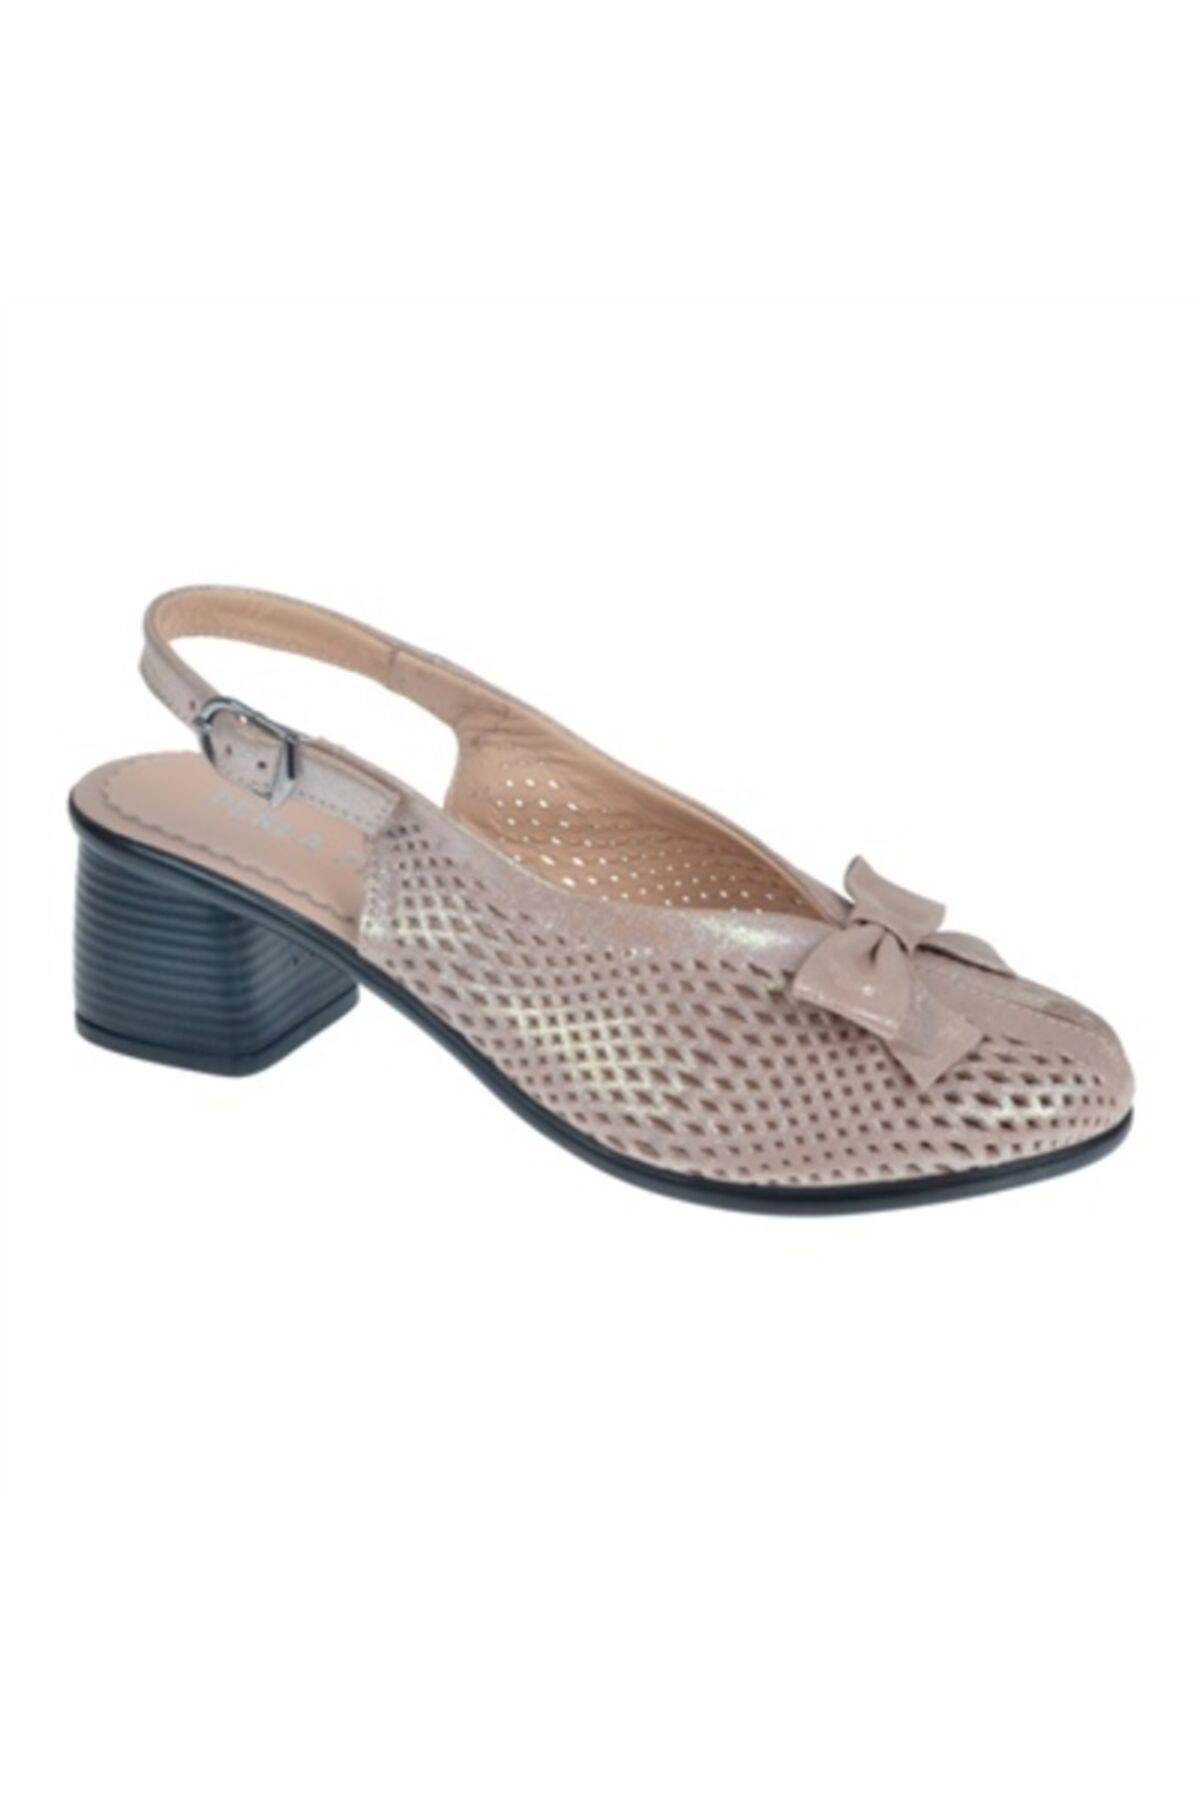 SHALİN Hakiki Deri Kadın Ayakkabı N-2063 Pudra Saten